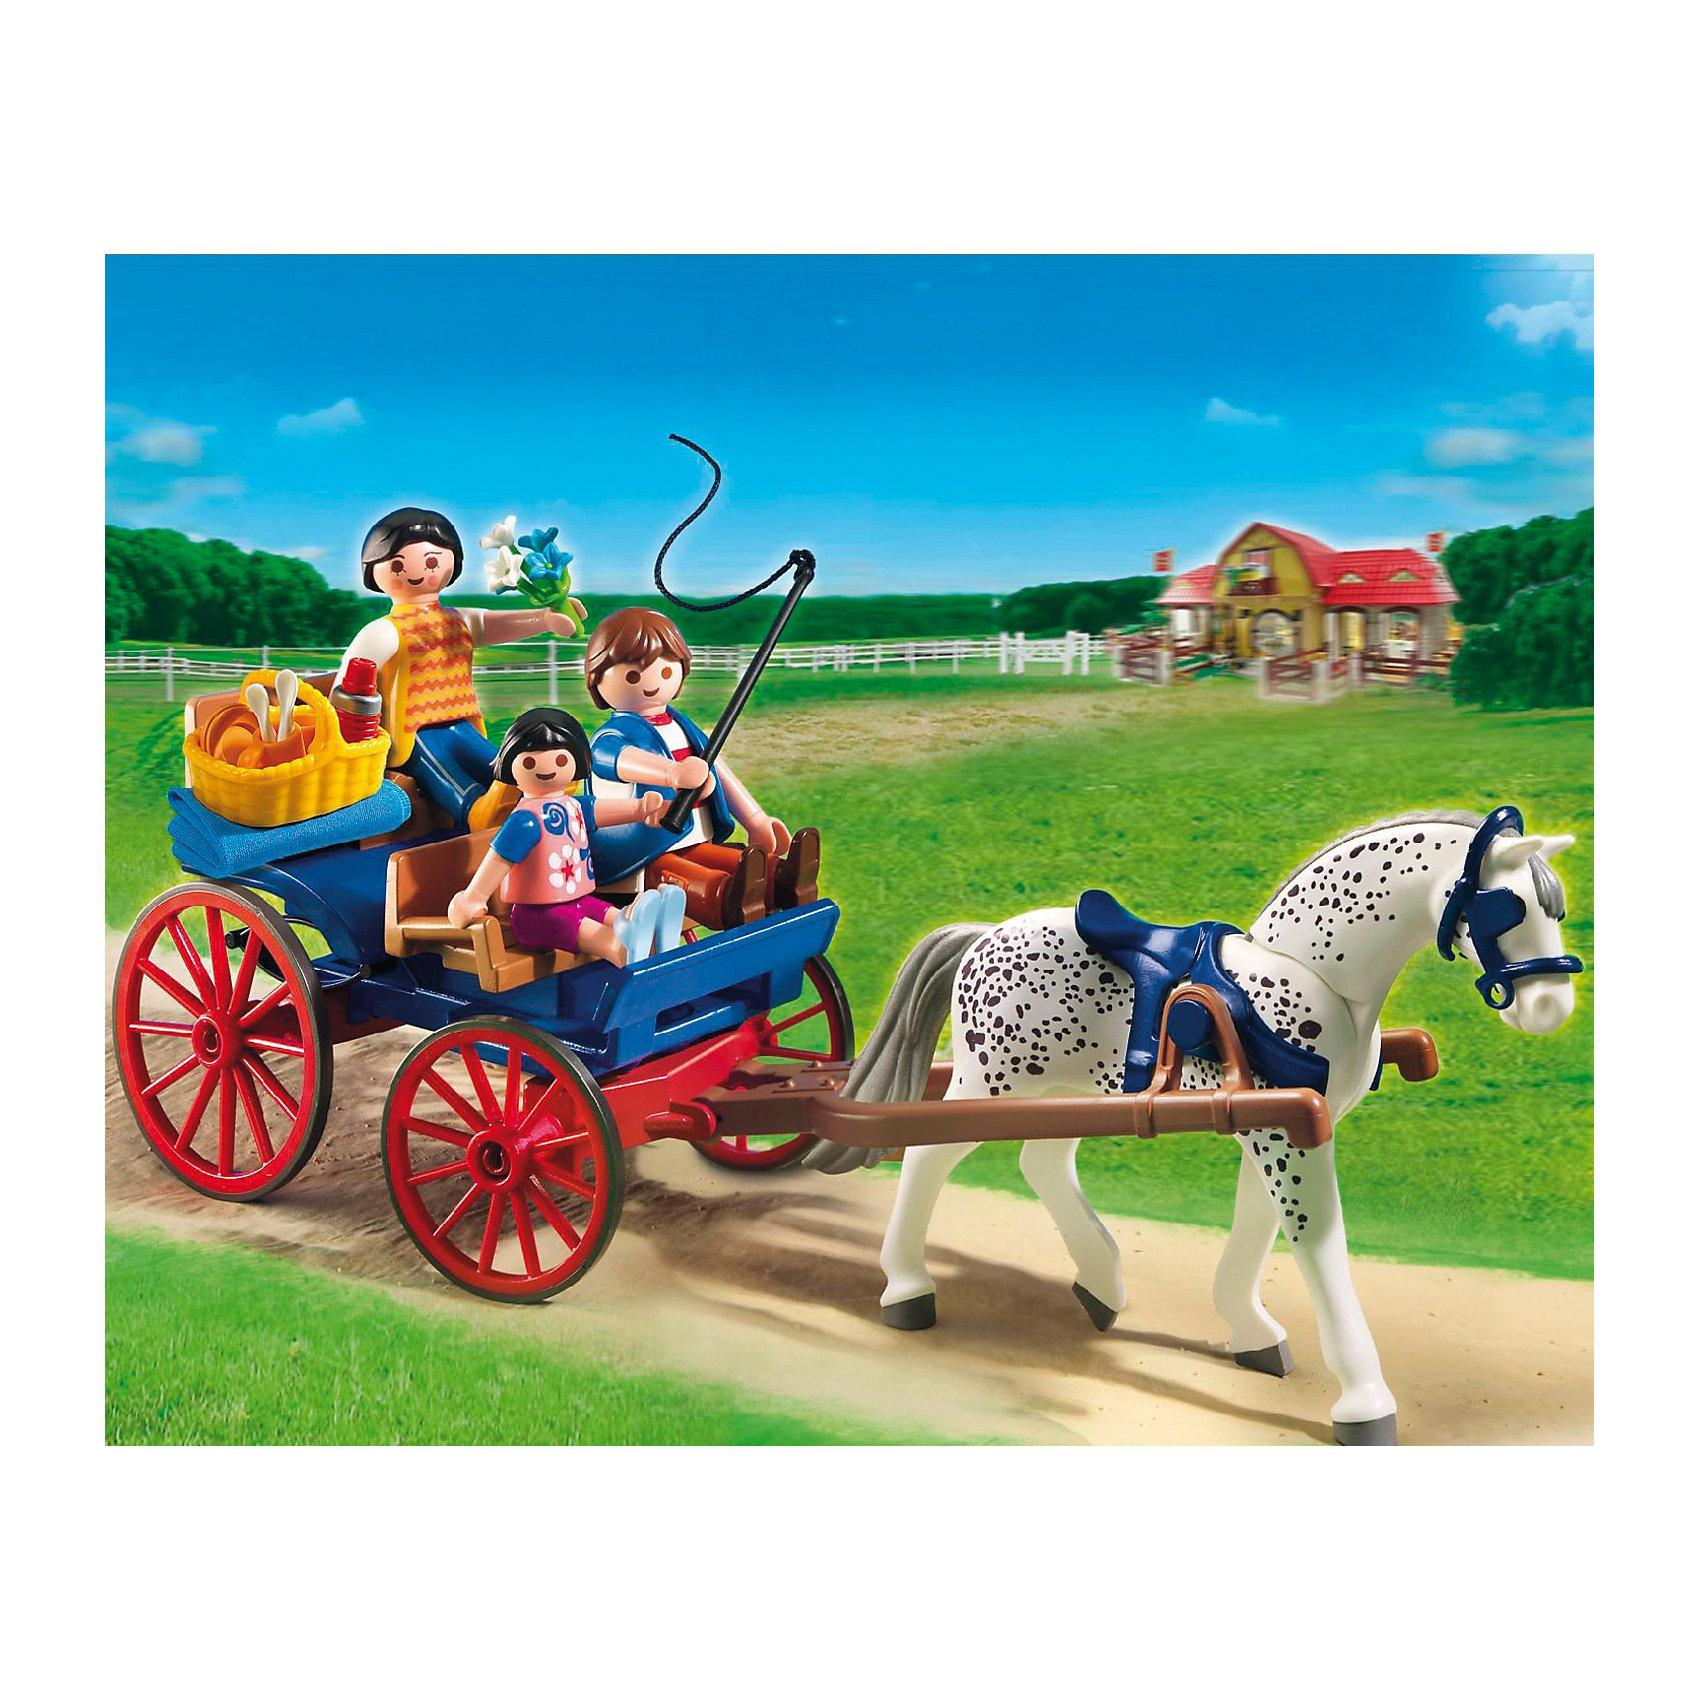 PLAYMOBIL® PLAYMOBIL 5226 Лошади: Повозка, запряженная лошадью игровые наборы tomy игровой набор приключения трактора джонни и лошади на ферме